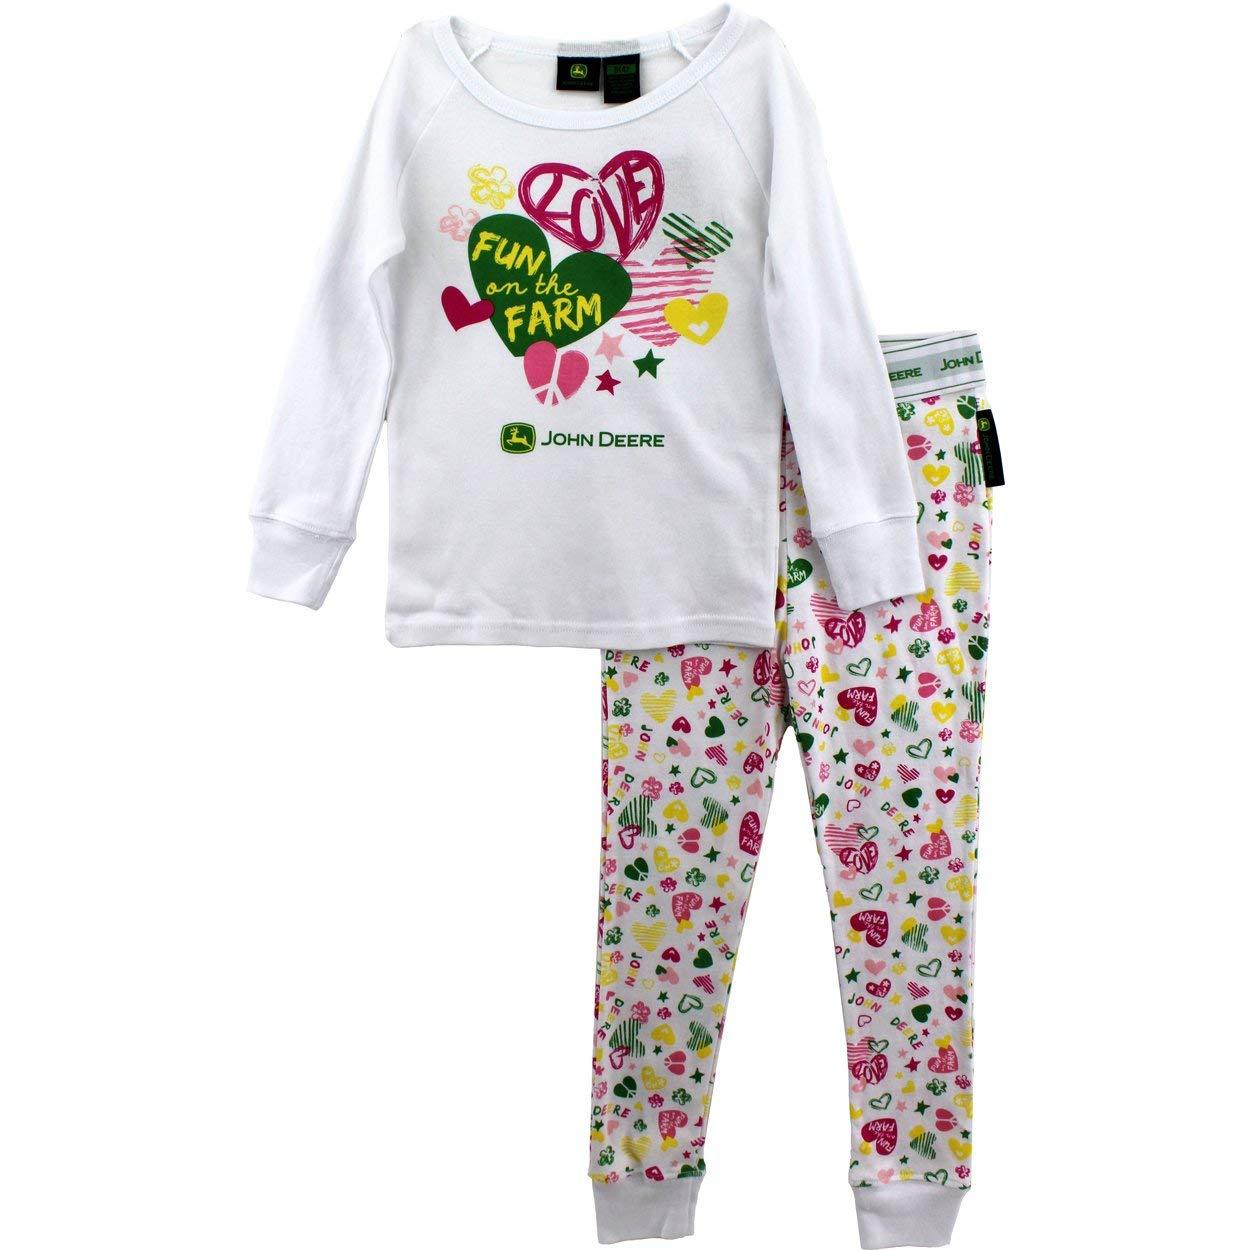 2a7c32823394 Cheap John Deere Toddler Bedding, find John Deere Toddler Bedding ...